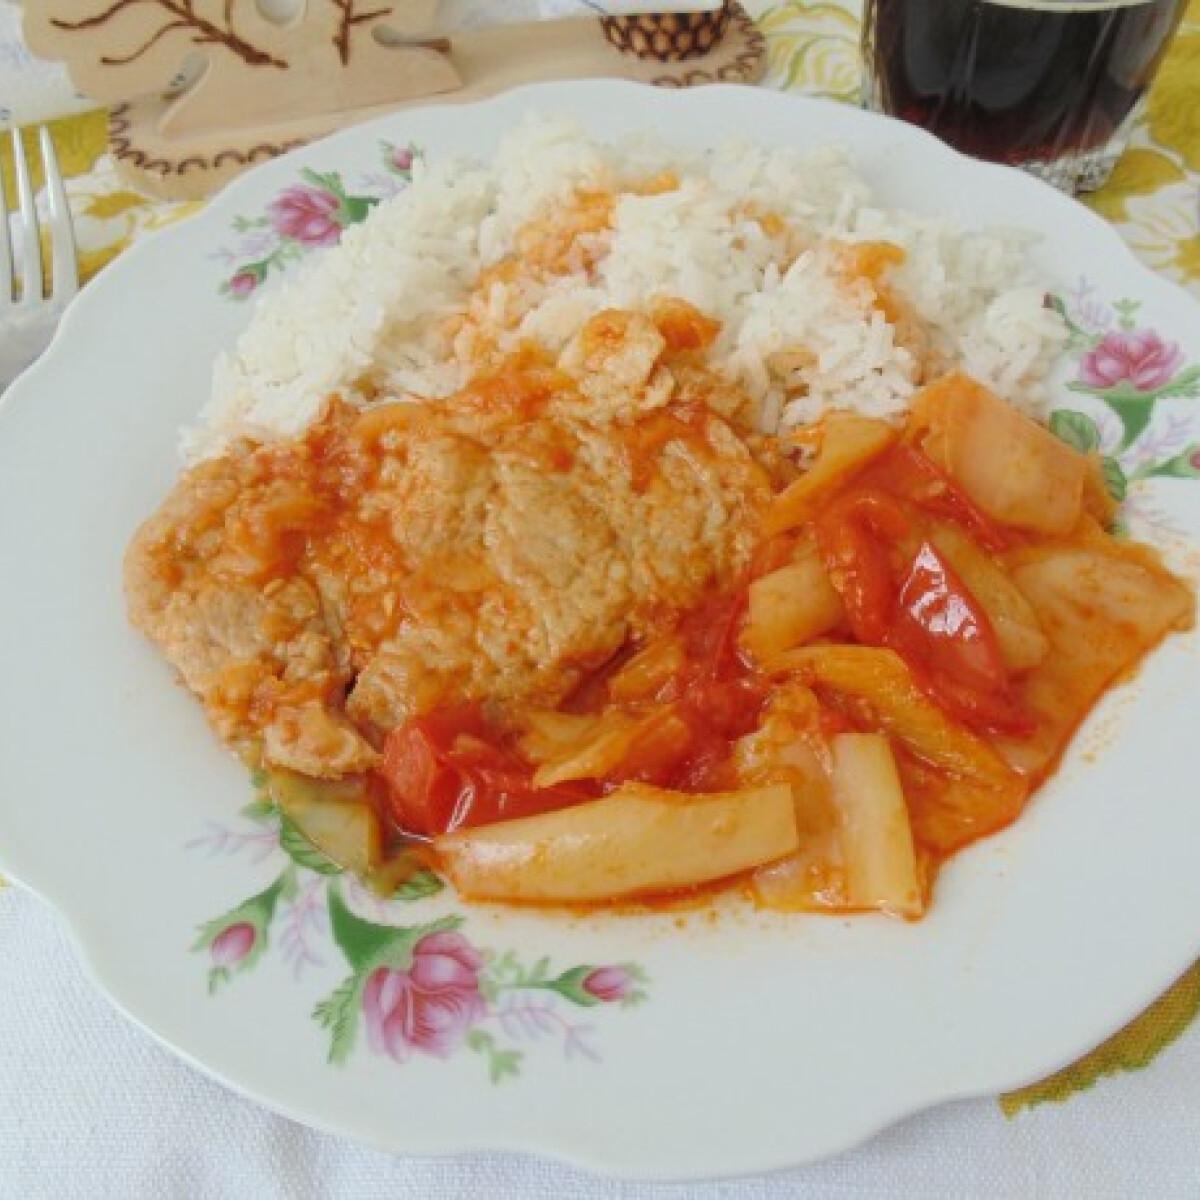 Ezen a képen: Lecsós sertéskaraj natúr rizzsel